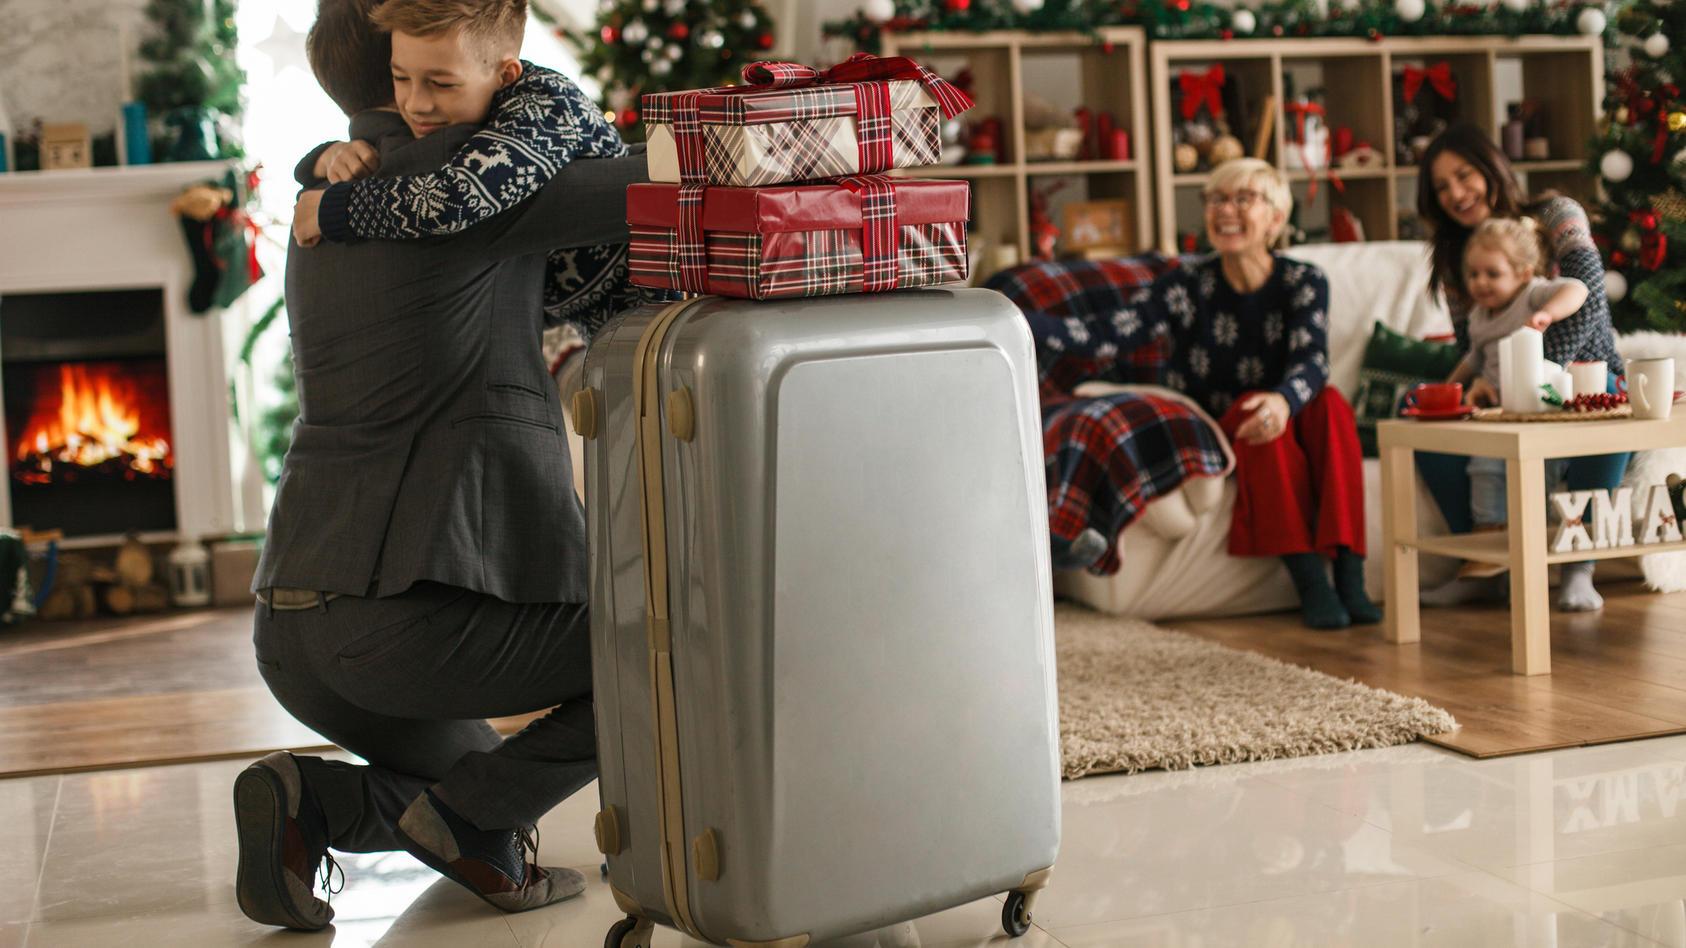 Wenn die Familie zu Corona-Zeiten aus dem Ausland zu Besuch kommt, gelten besondere Regeln.